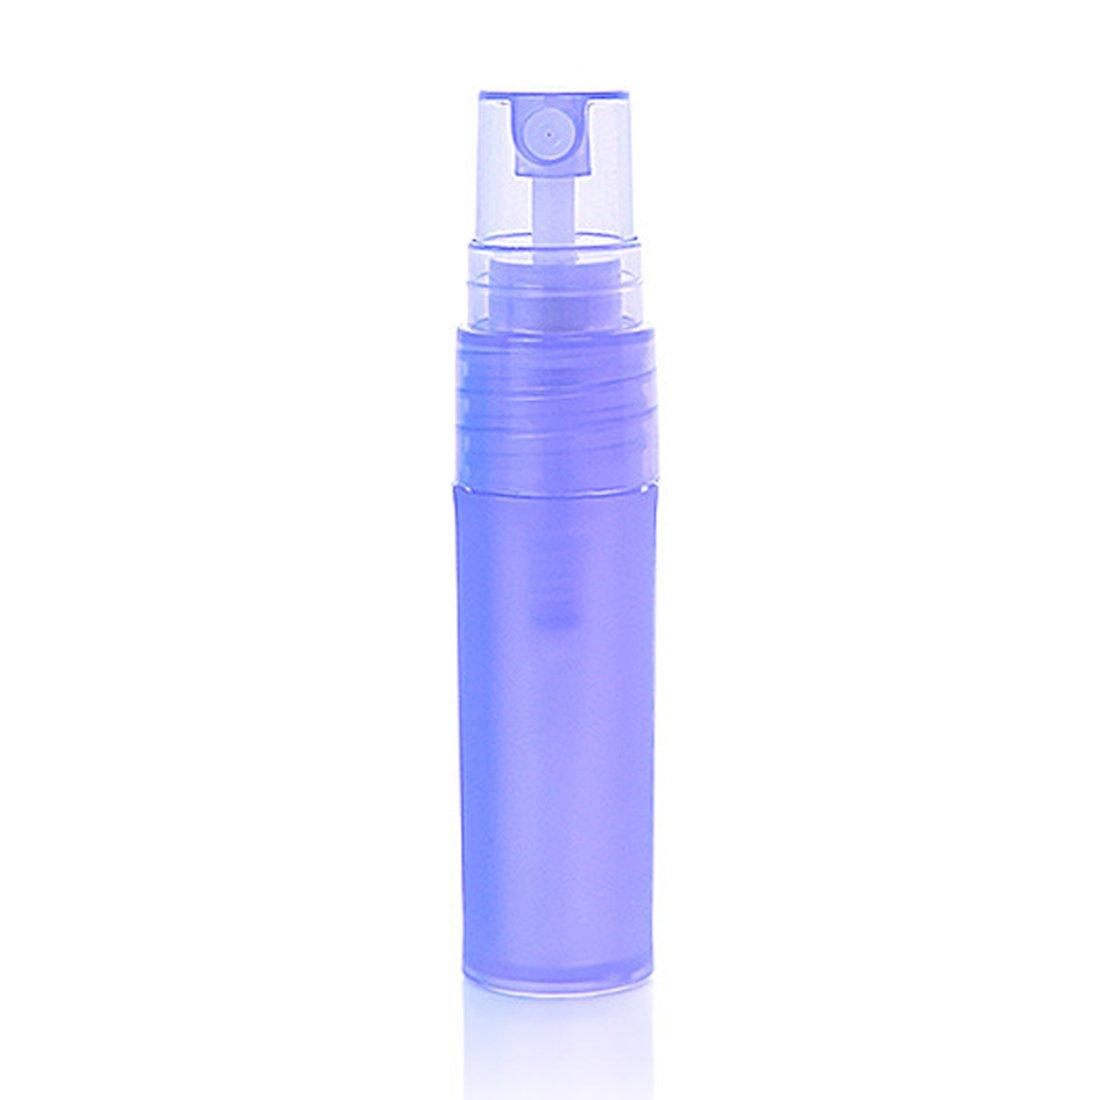 Belleza Plástico atomizador vacío botella de Spray CY-Buity